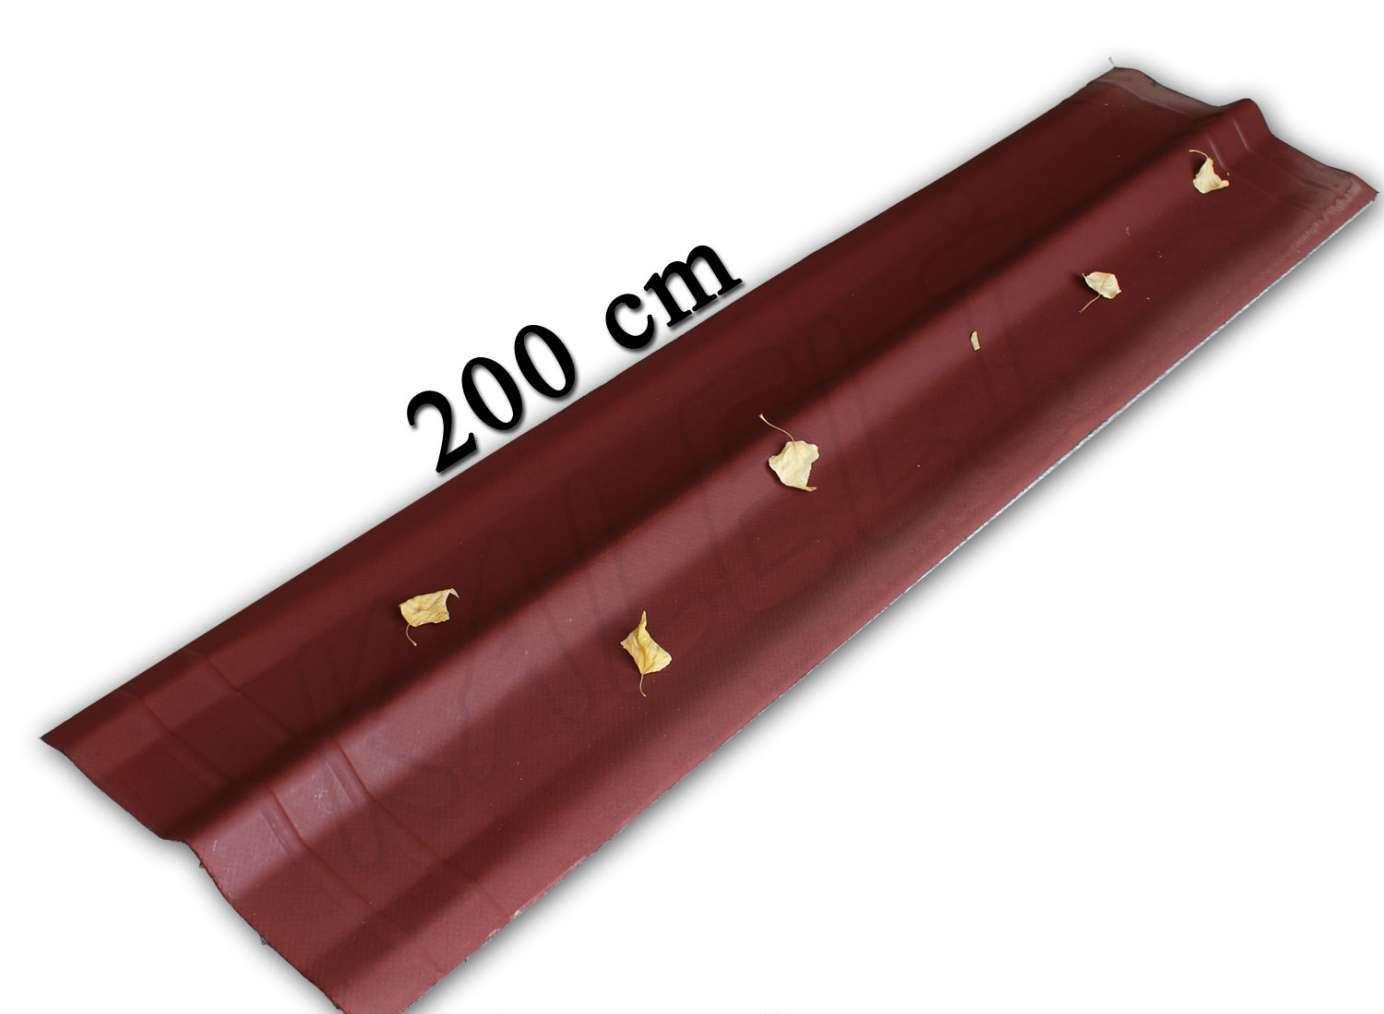 Onduline Tepe Mahyası 48,5 cm x  200 cm